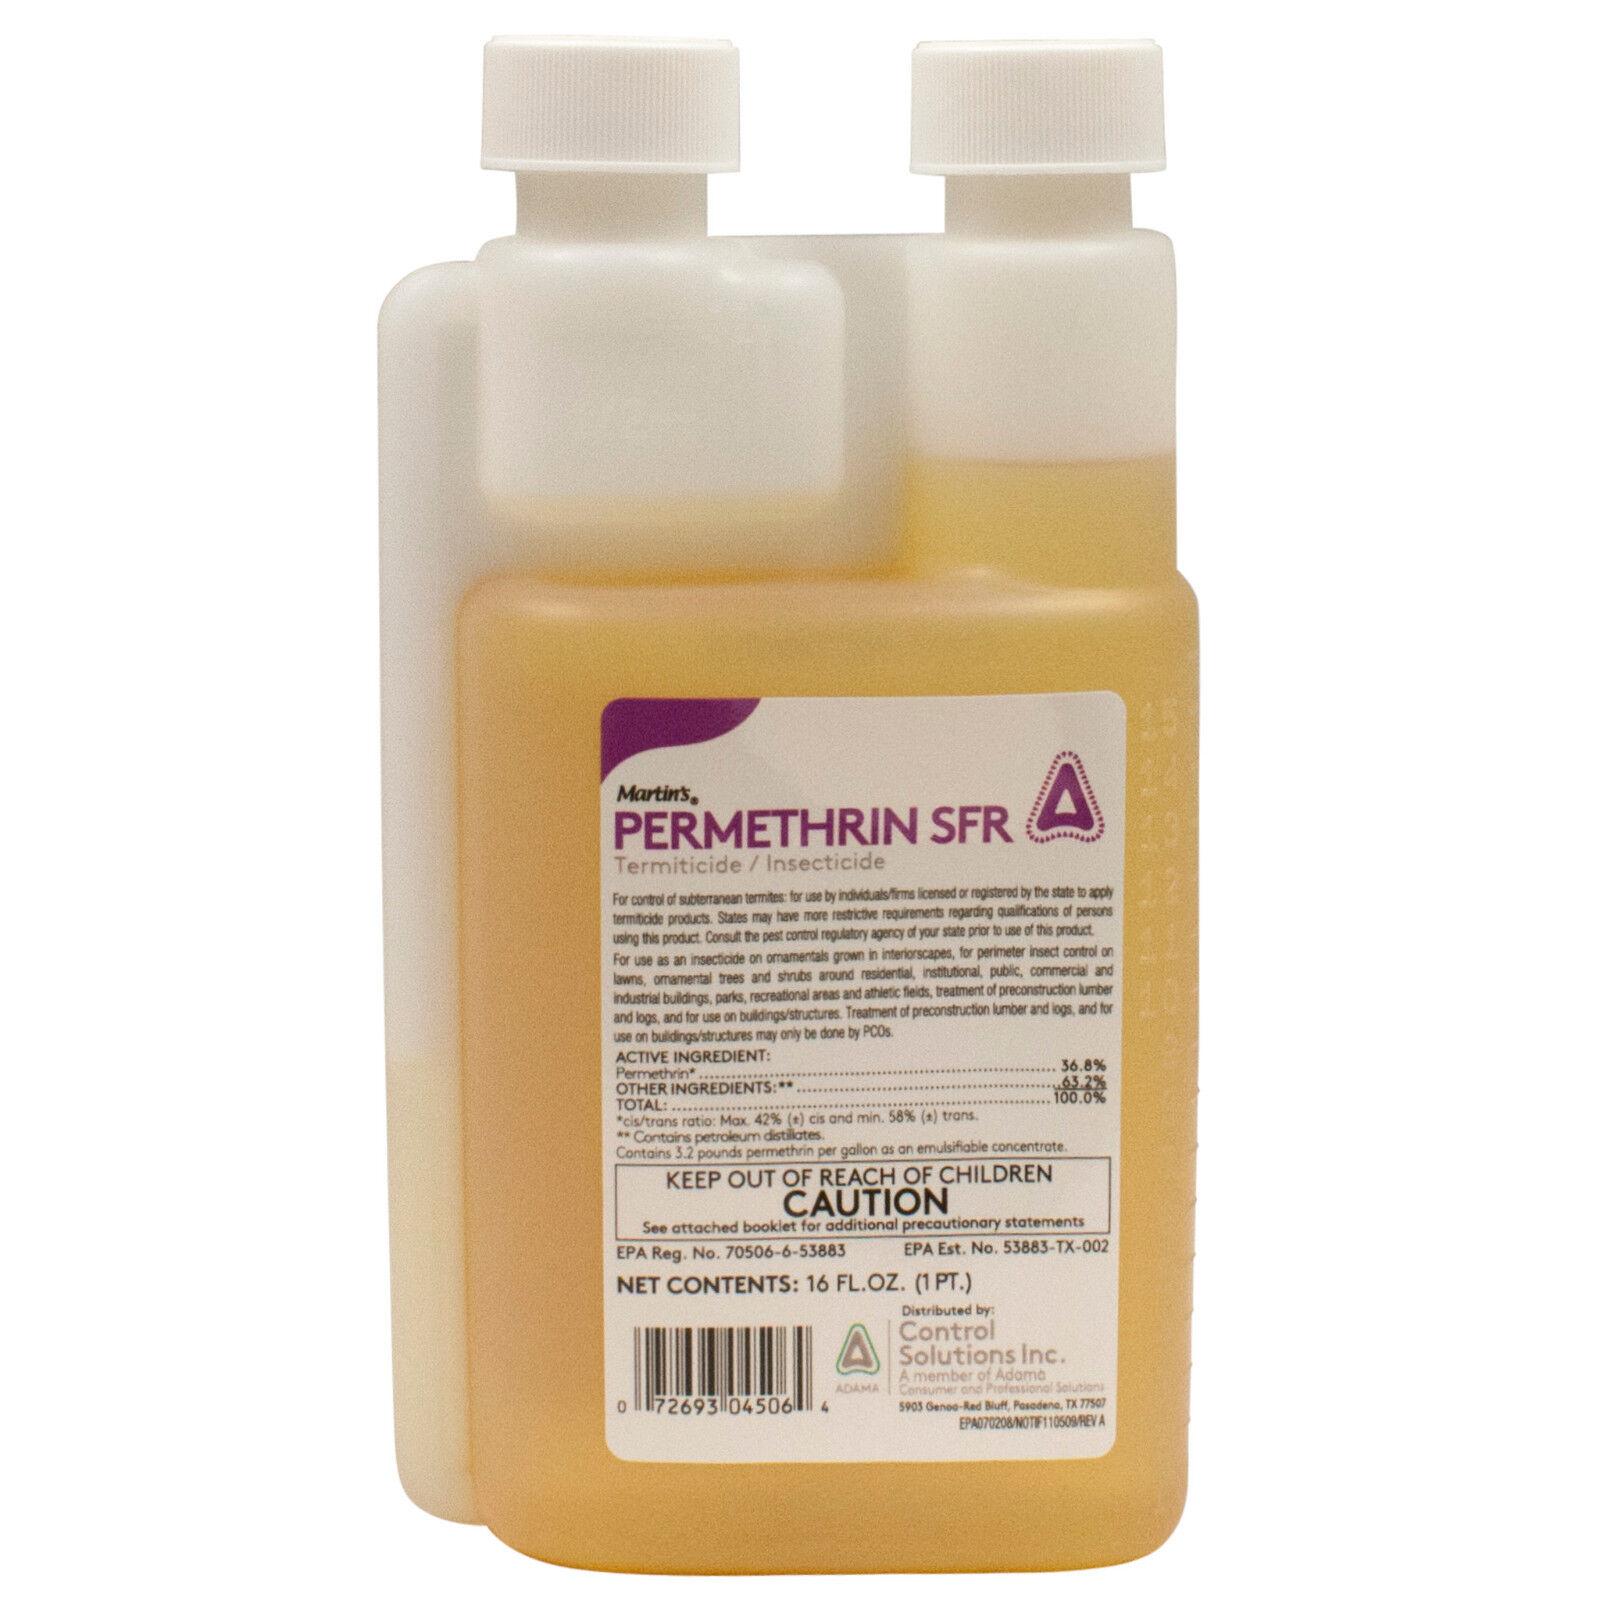 CSI - 82004504 - Permethrin SFR - Termiticide/Insecticide -